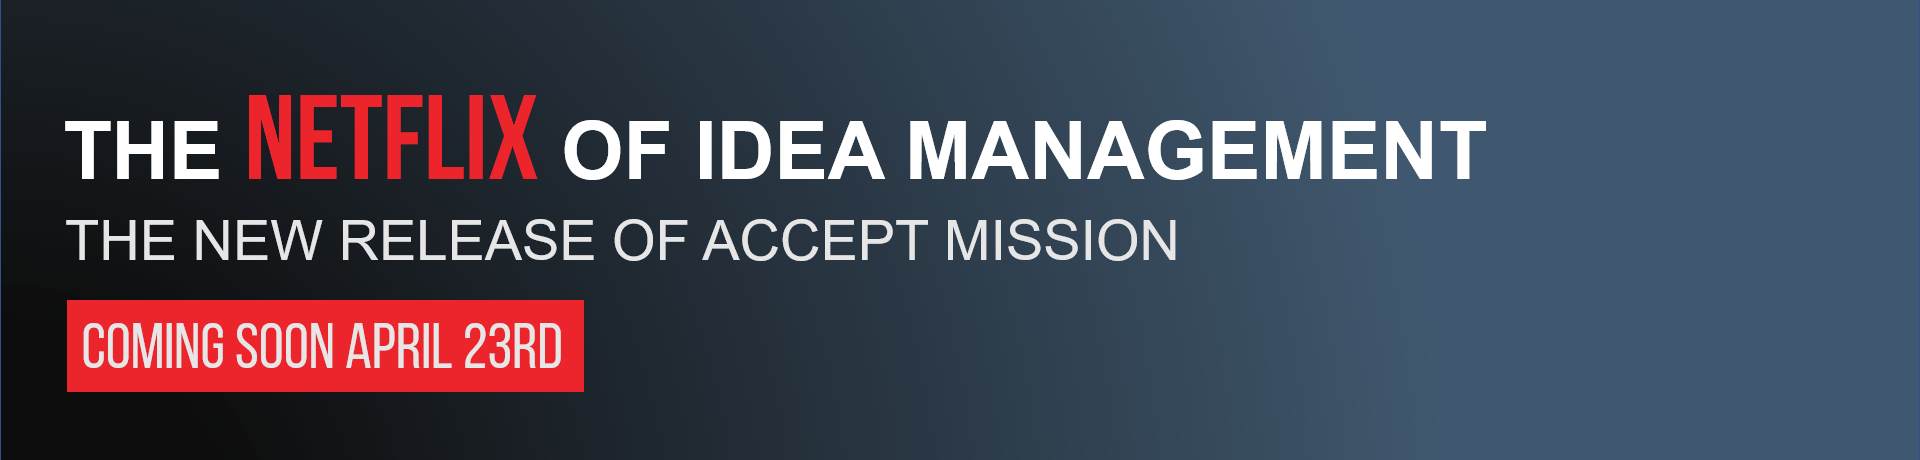 idea management